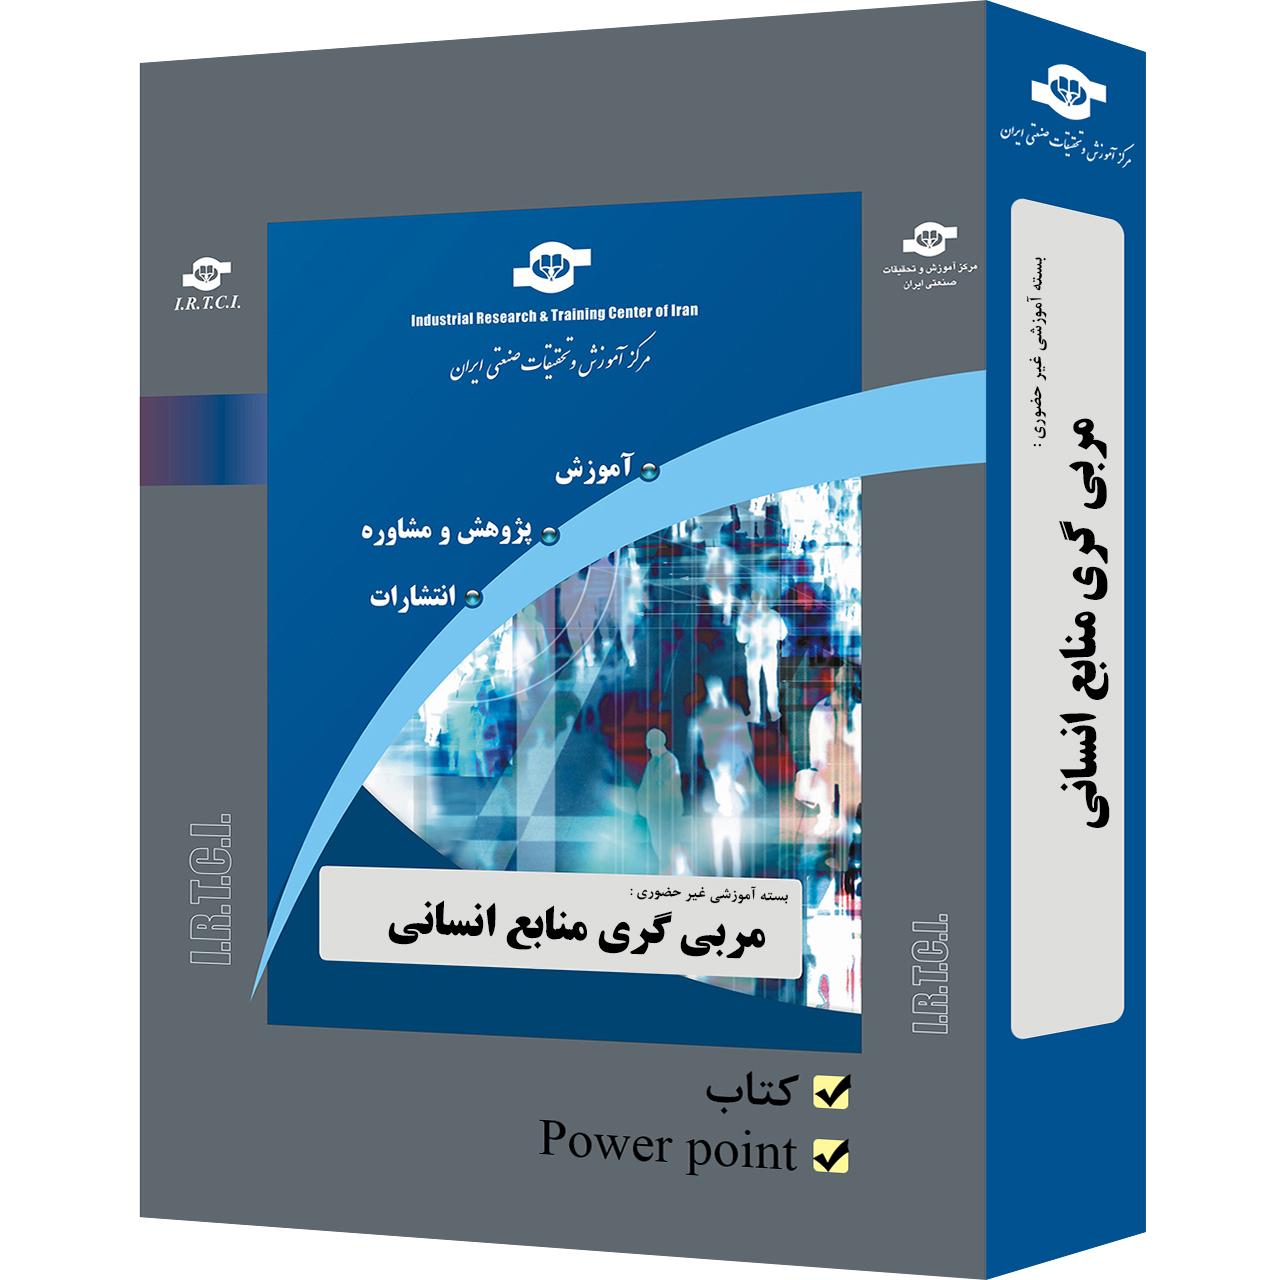 بسته آموزشی غیر حضوری مربی گری منابع انسانی تدوین مرکز آموزش و تحقیقات صنعتی ایران